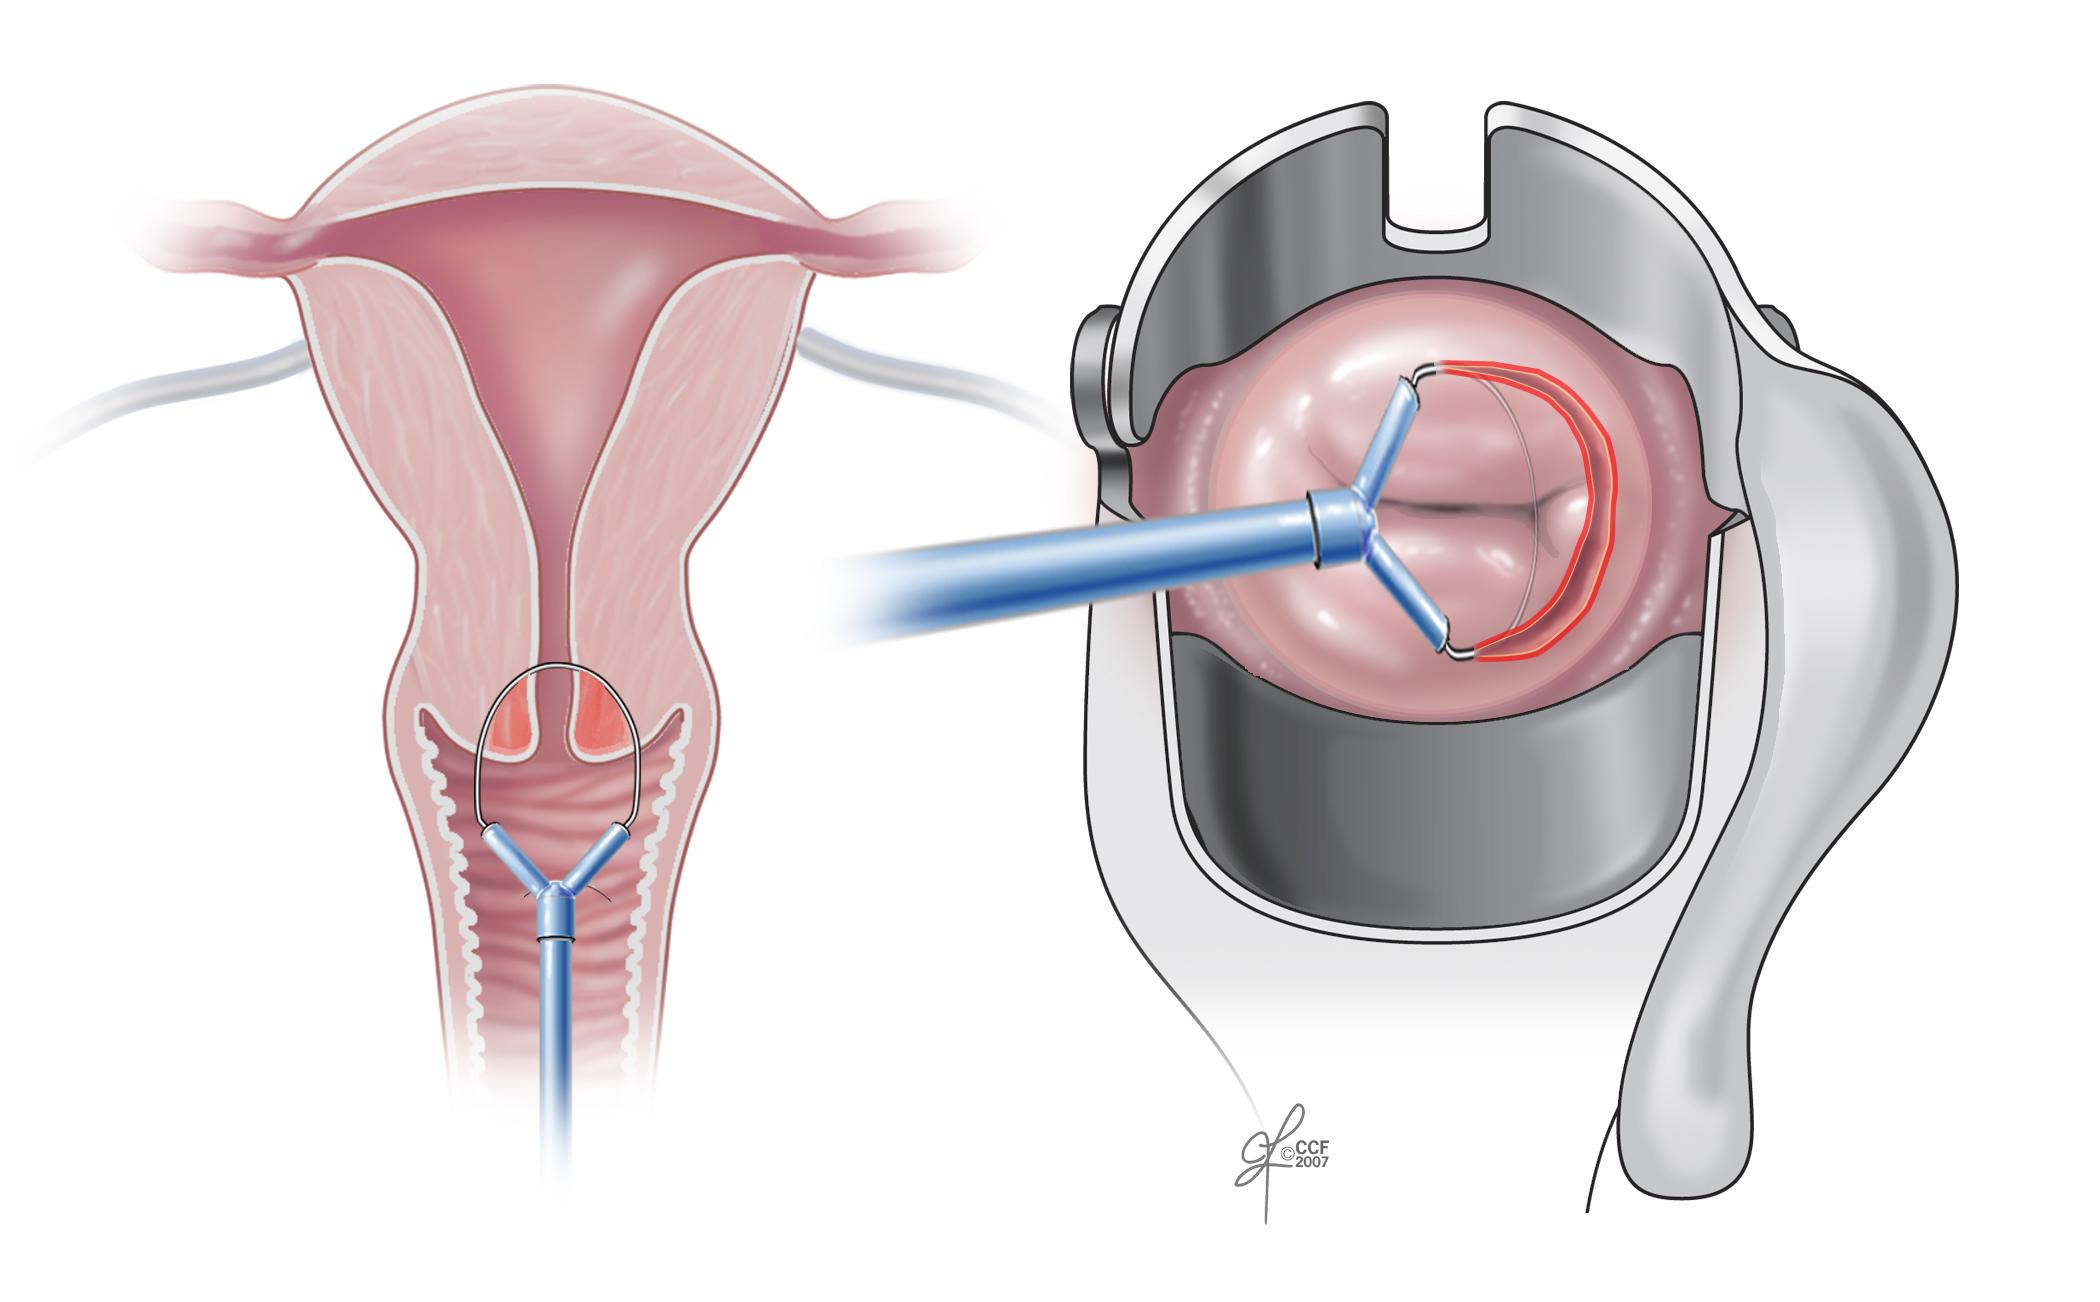 papillomavirus uterus symptoms)